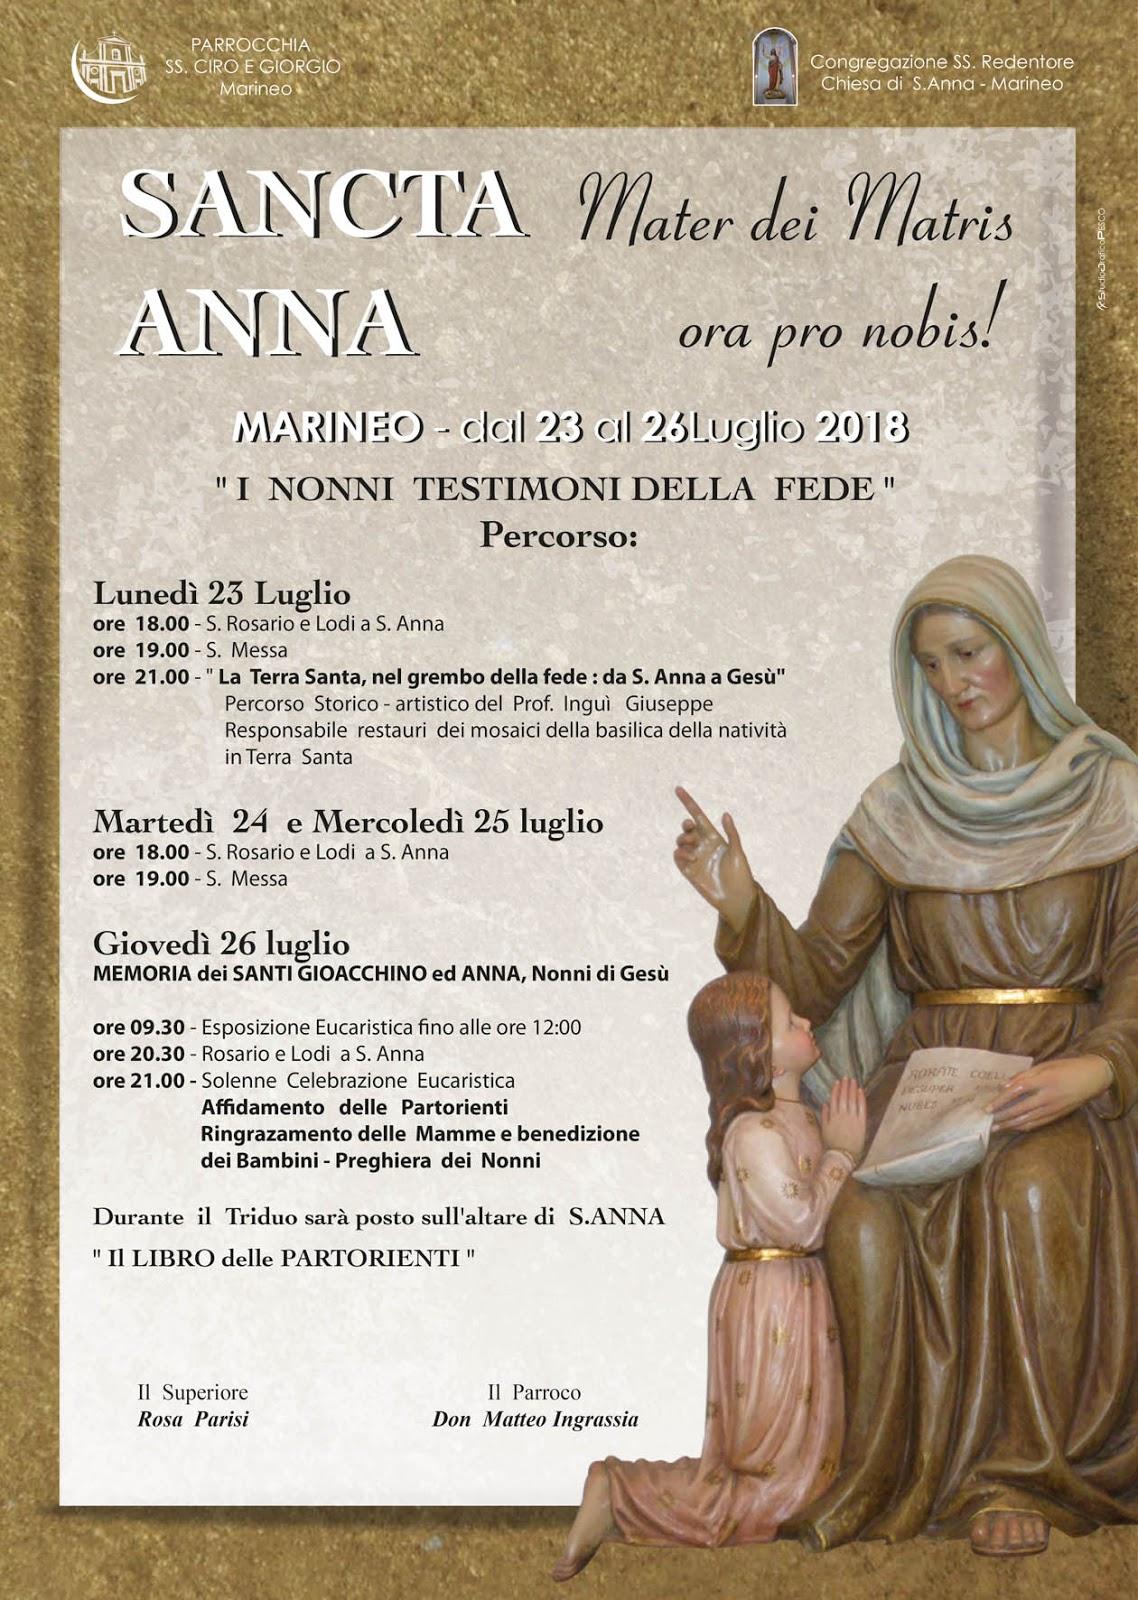 E  questo il tema che guiderà il cammino di quest anno in preparazione alla  memoria dei Santi Anna e Gioacchino nella Chiesa di S. Anna in Marineo. 6877ed2675b1